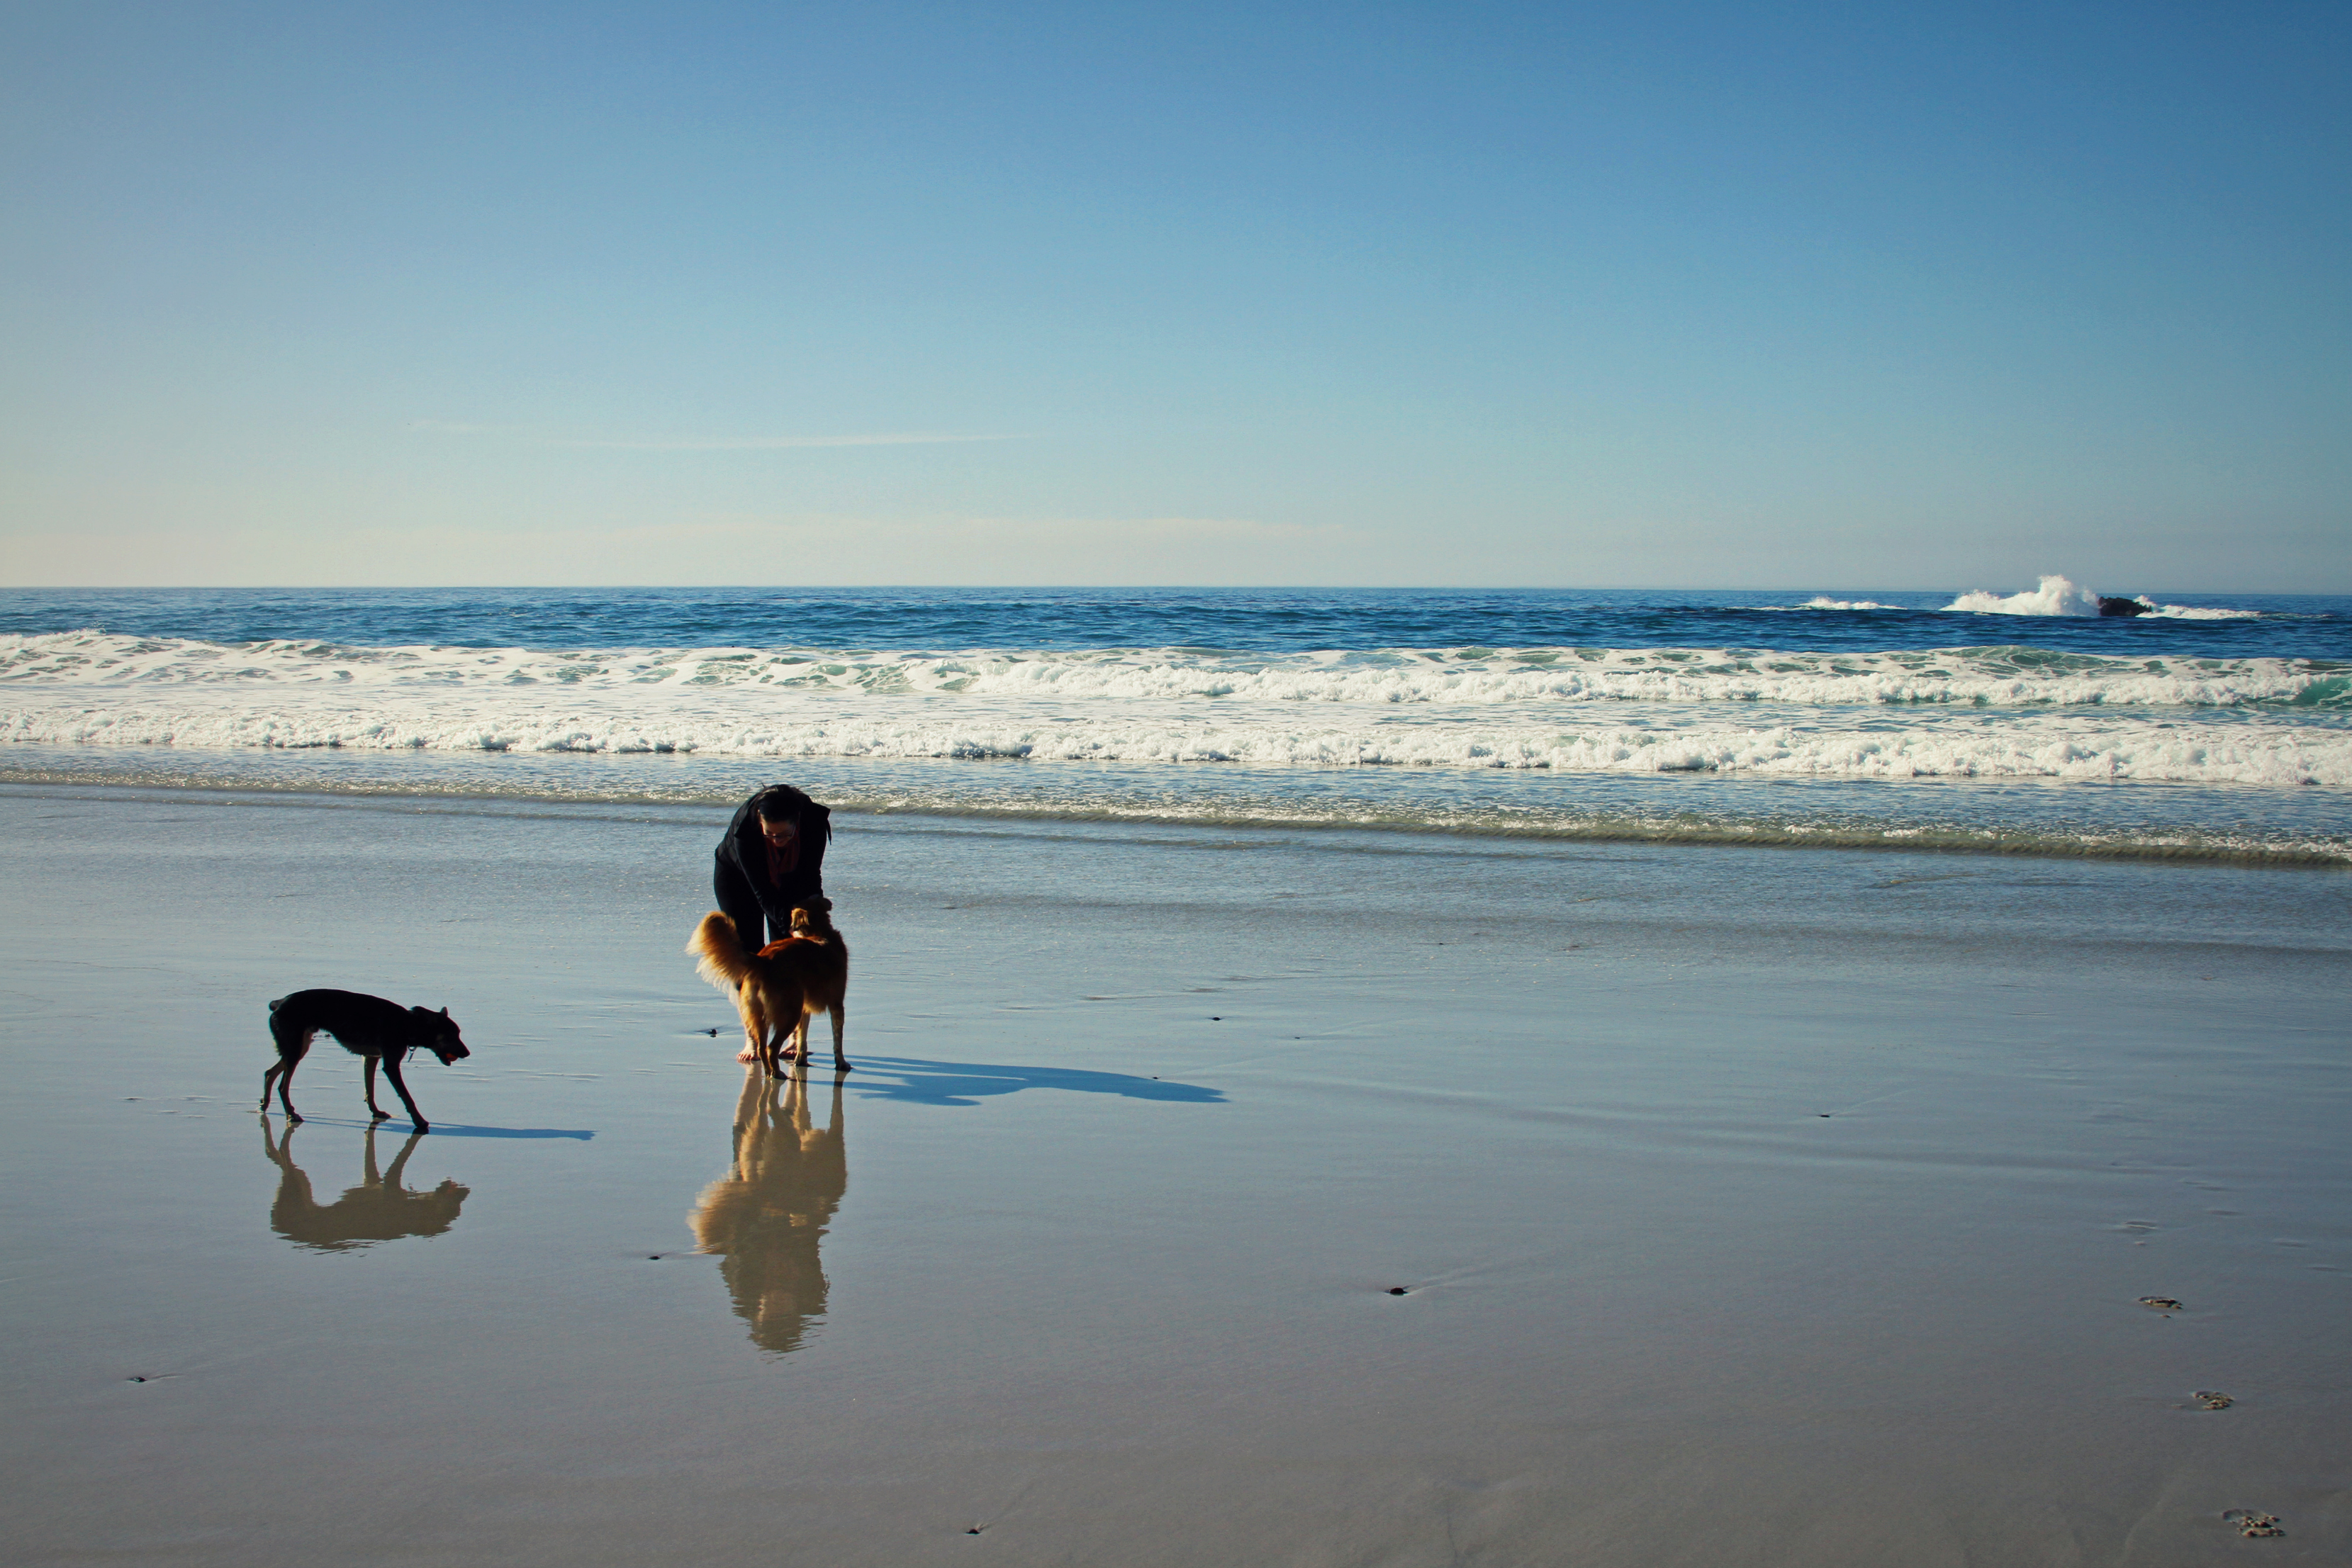 la-mejor-playa-de-perros-estara-en-alicante